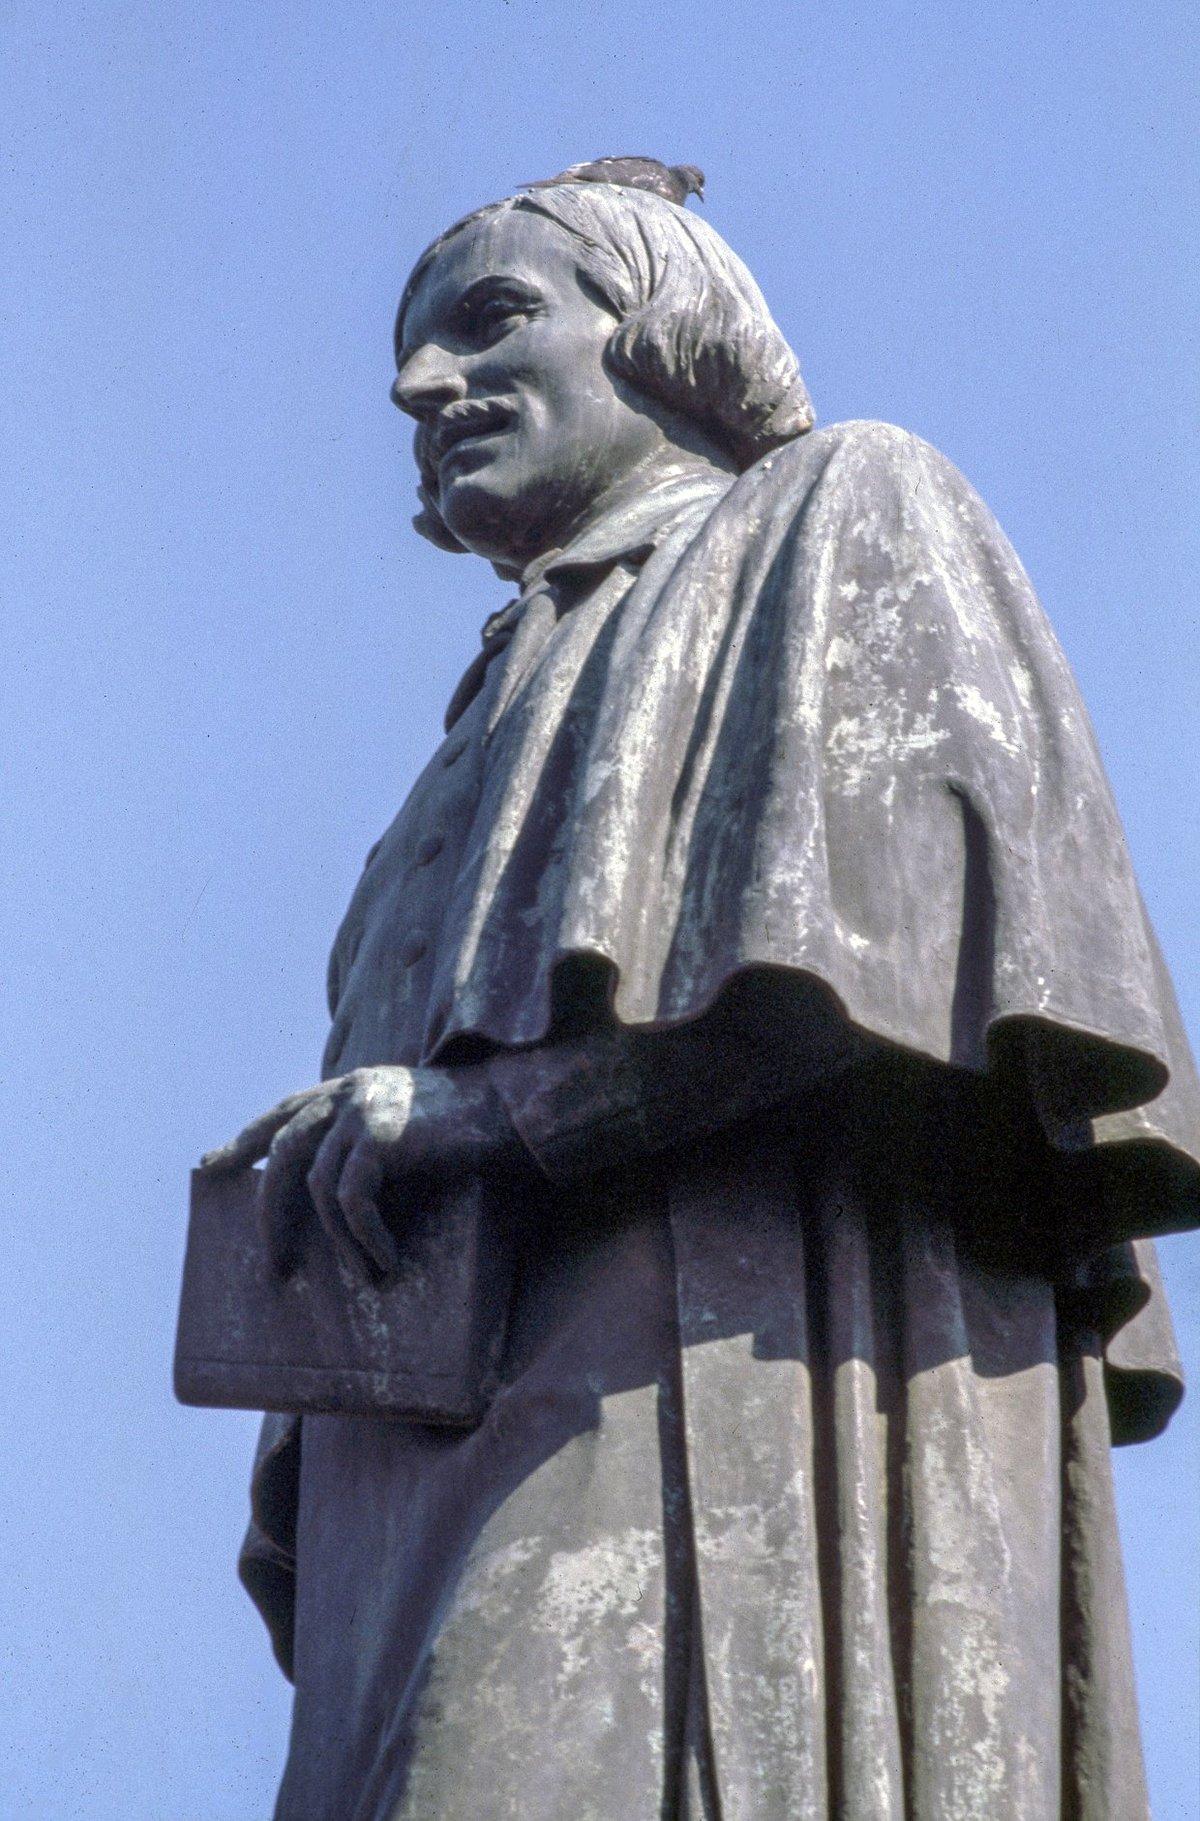 Памятник Н.В. Гоголю на Гоголевском бульваре. Автор Ю. Королев. 1970-е годы. Главархив Москвы